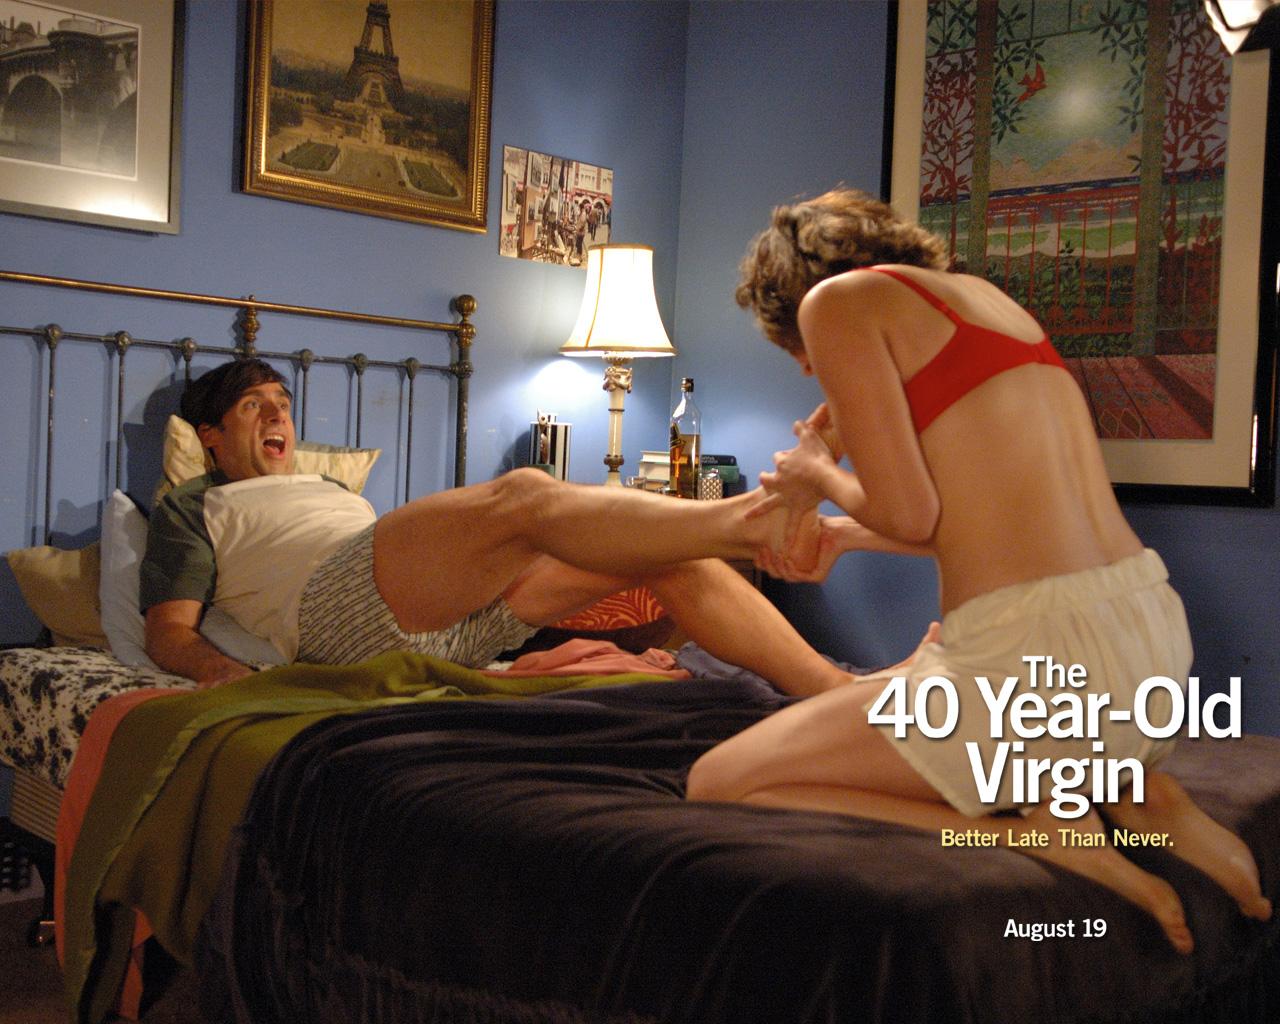 SexyTales бесплатные эротические рассказы, порно